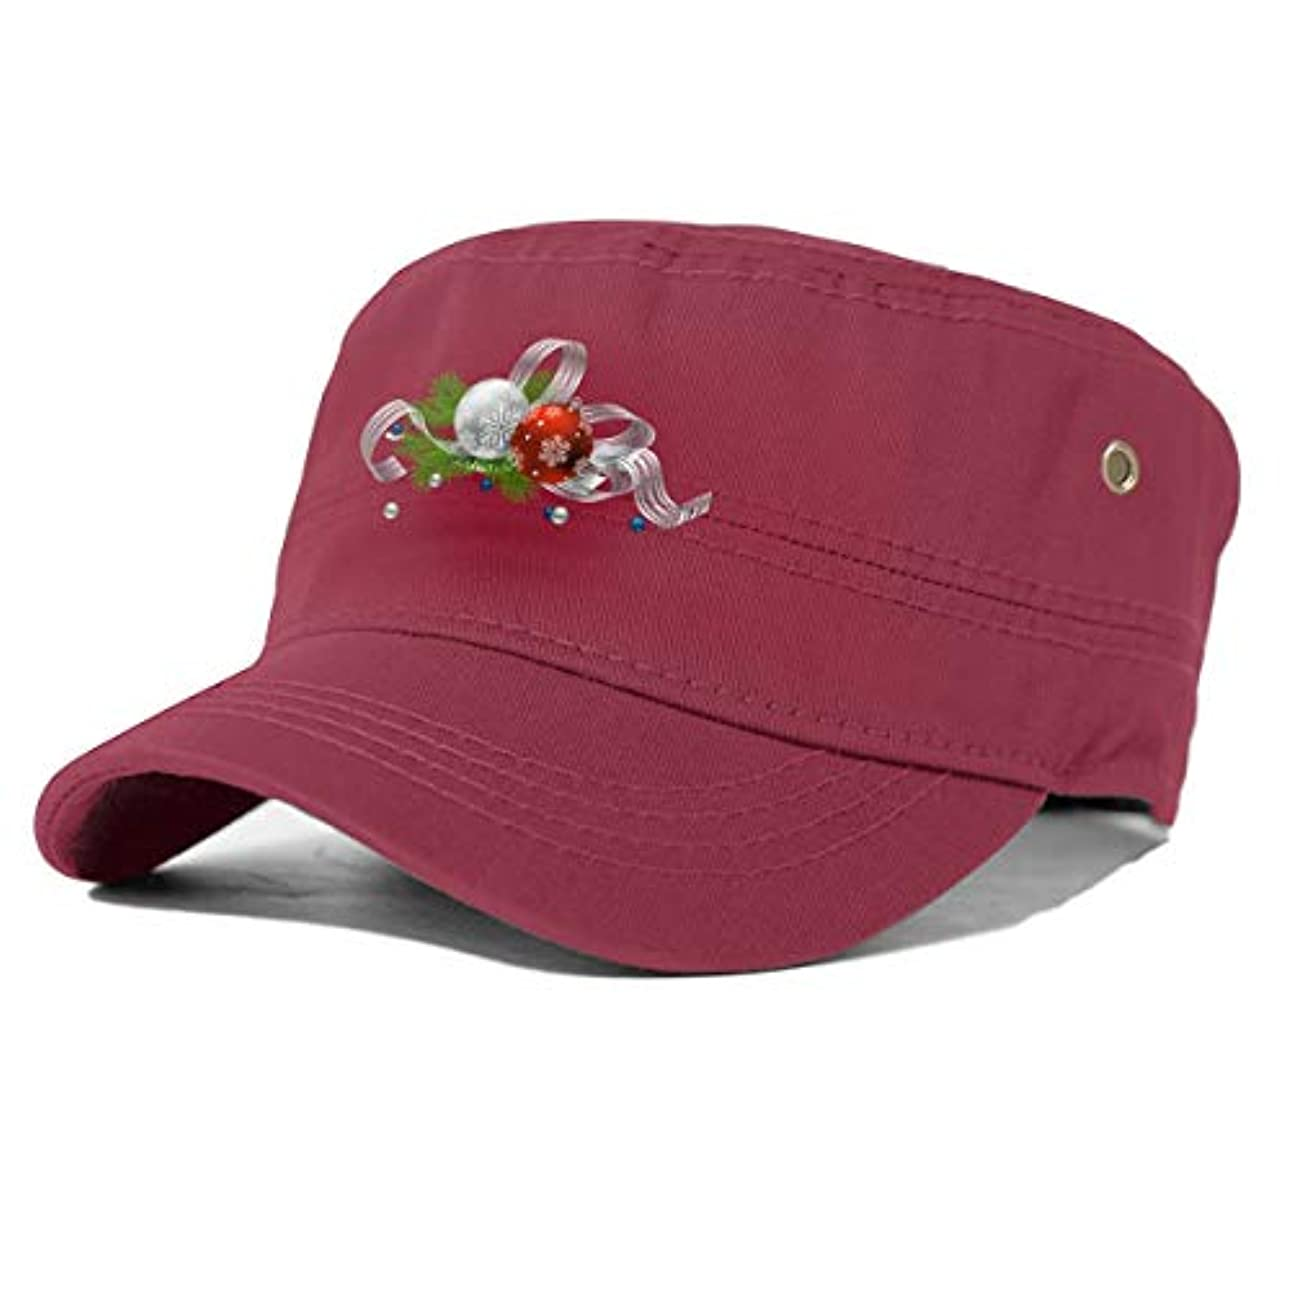 操作可能意図的操作可能大人のフラットキャップ帽子曲げる綿男女通用 Essential Oil Christmas Tree Black